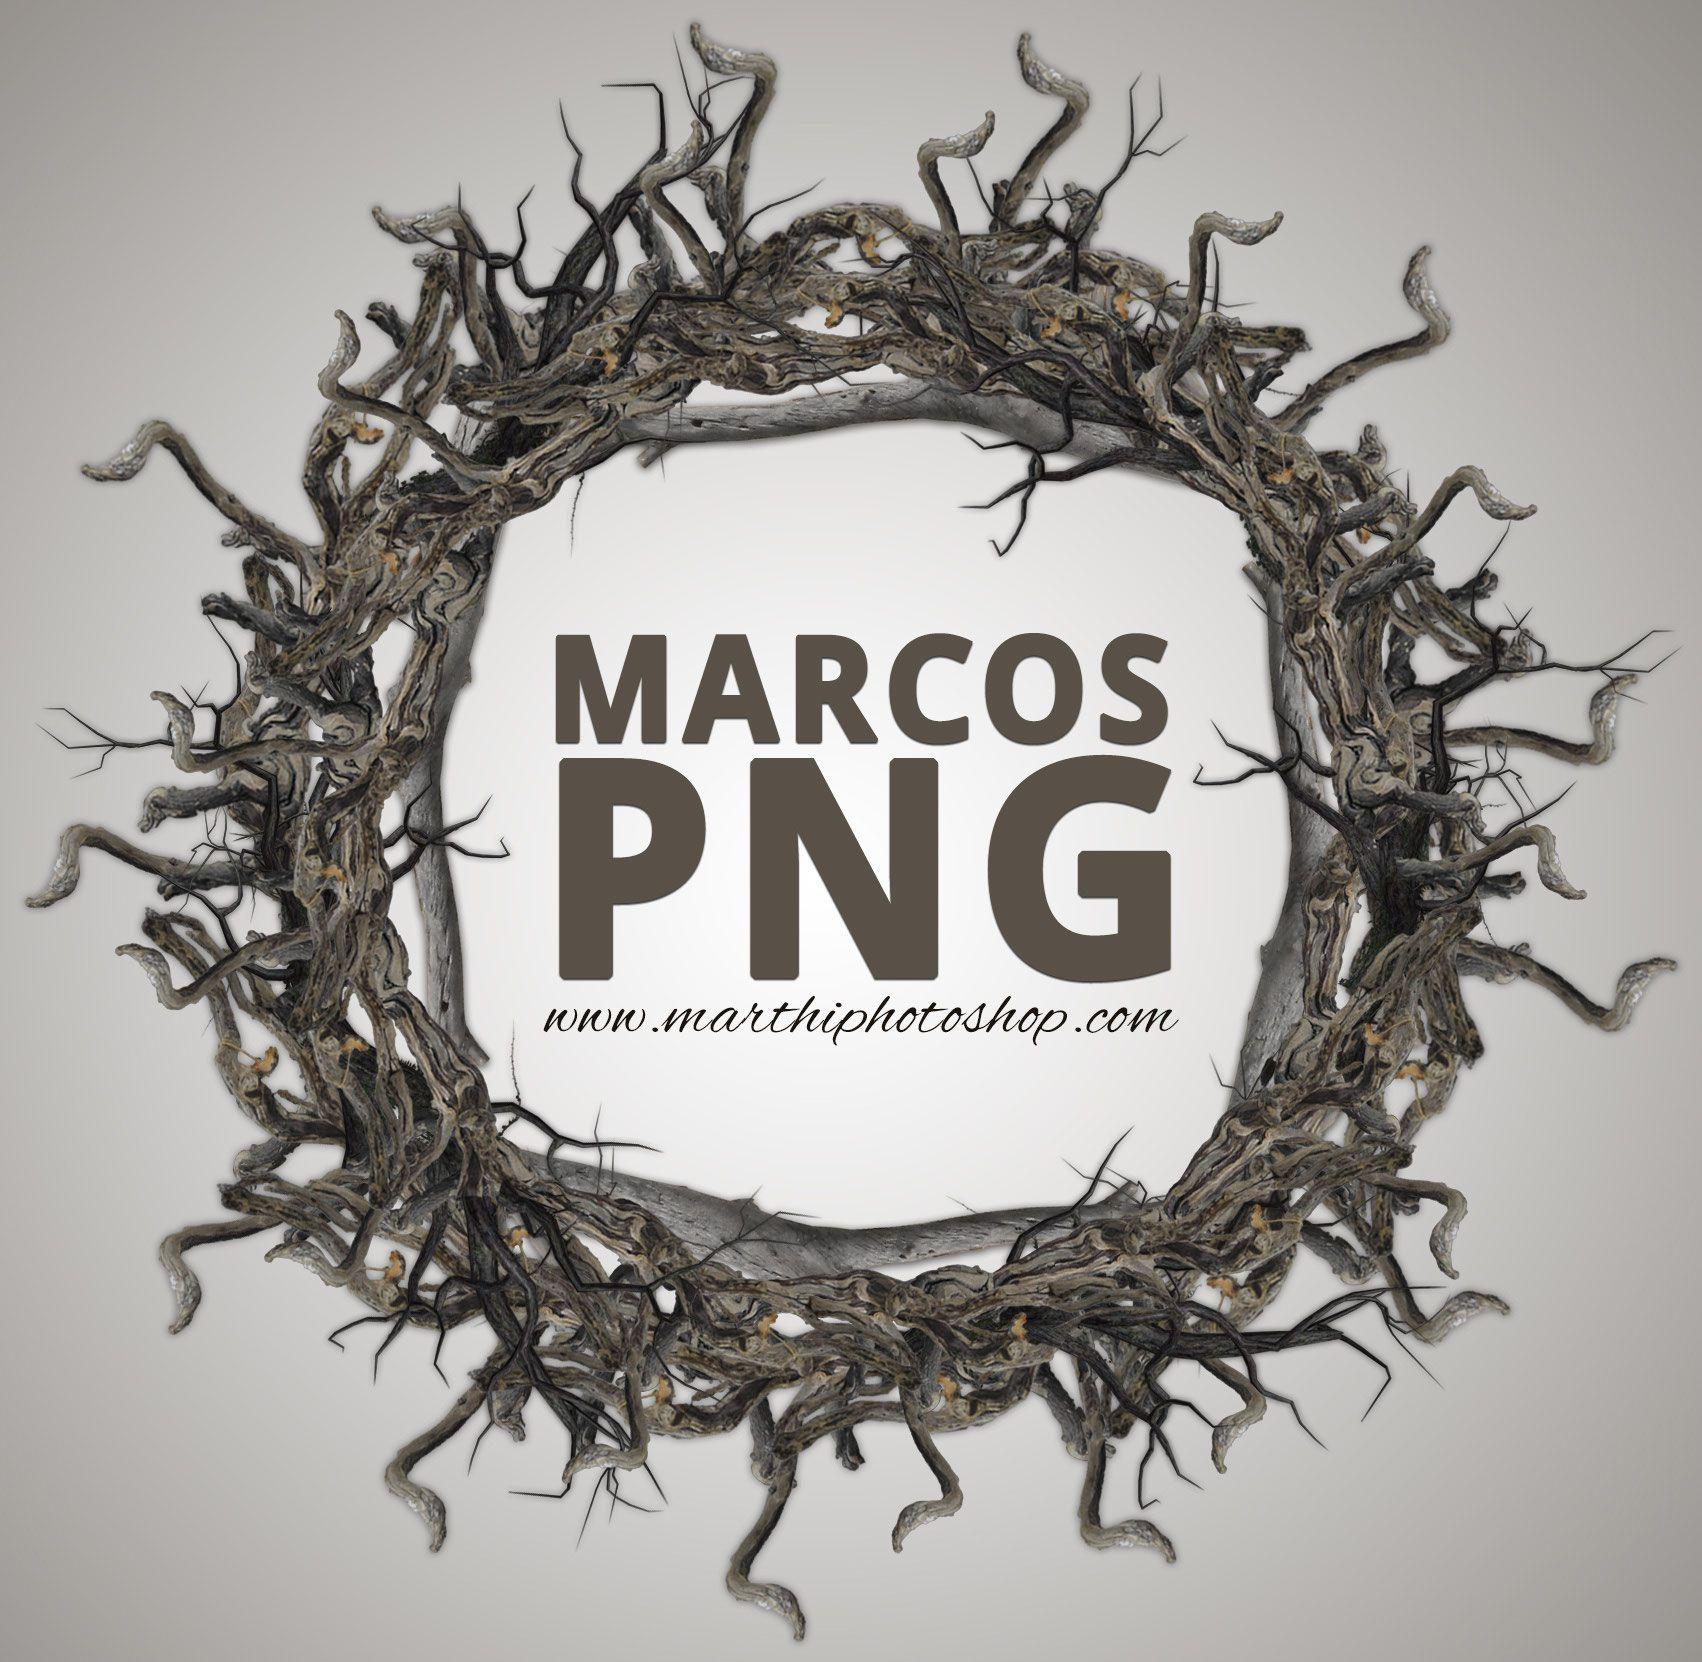 Descarga gratuita de marcos en PNG desde mi blog. | Recursos para ...